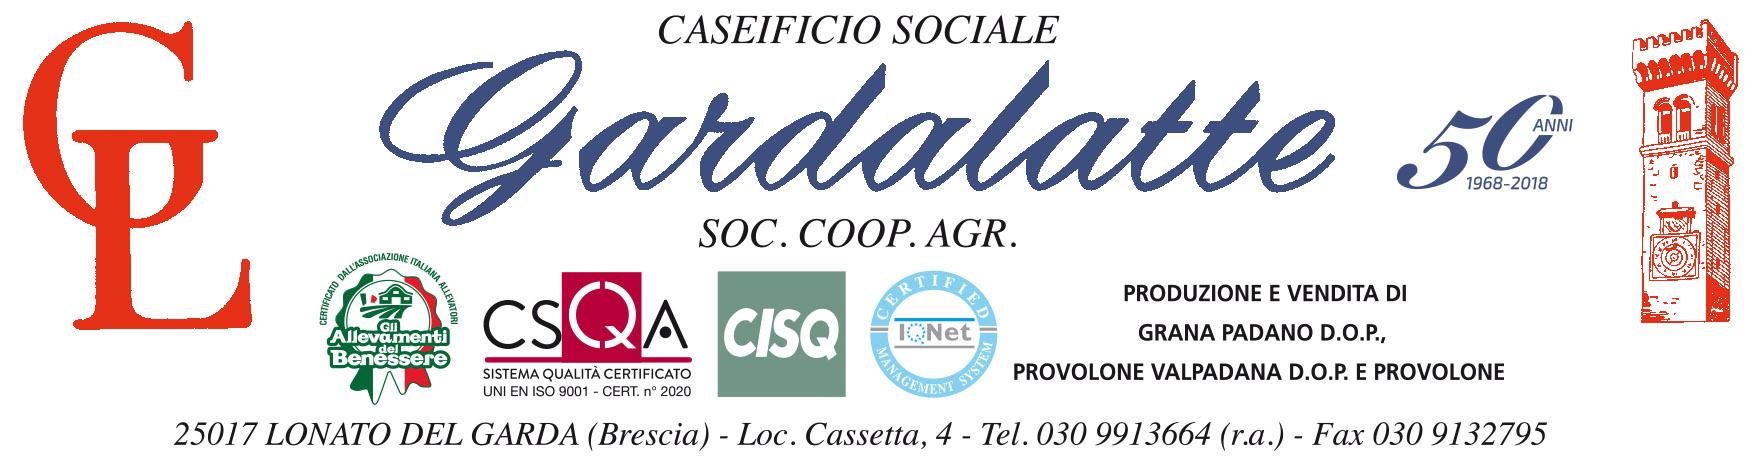 CASEIFICIO SOCIALE GARDALATTE SCA